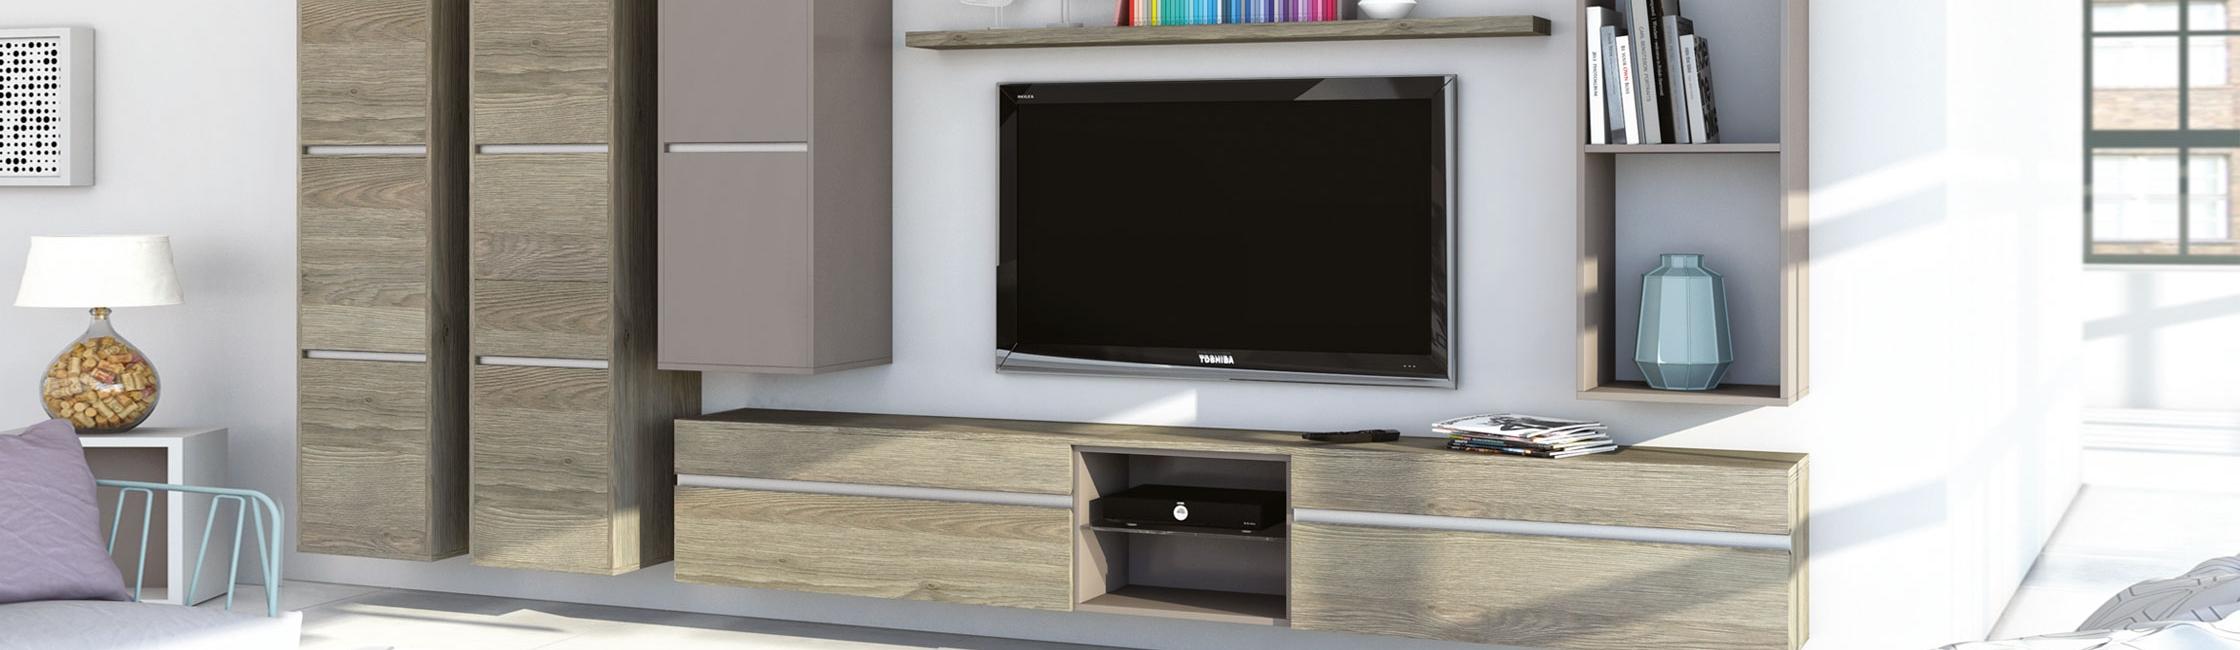 Les meubles comera cuisines comera cuisines for Vendeur meuble